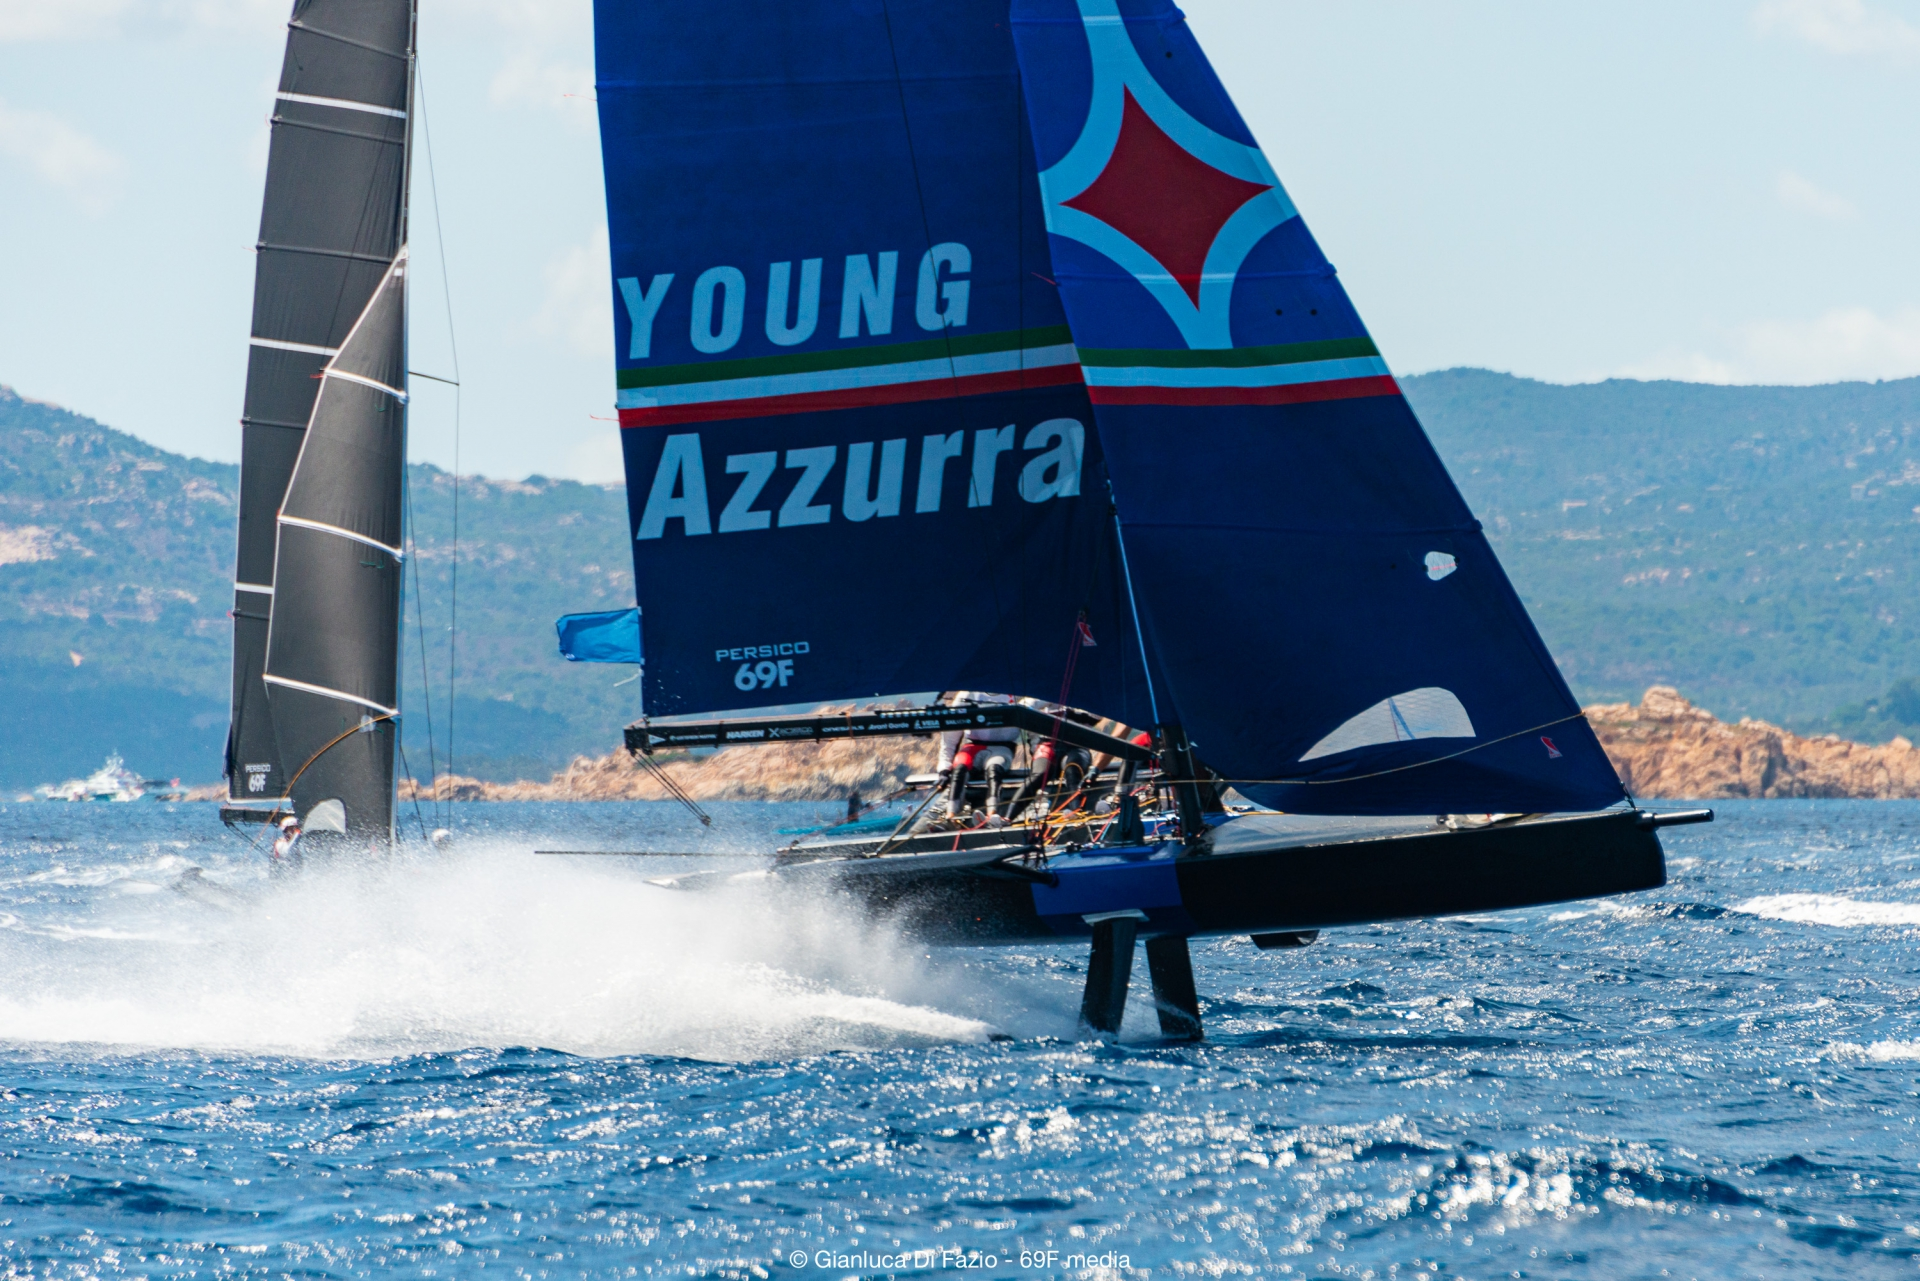 Young Azzurra conquista anche il Persico 69F Cup Grand Prix 2.2 - NEWS - Yacht Club Costa Smeralda